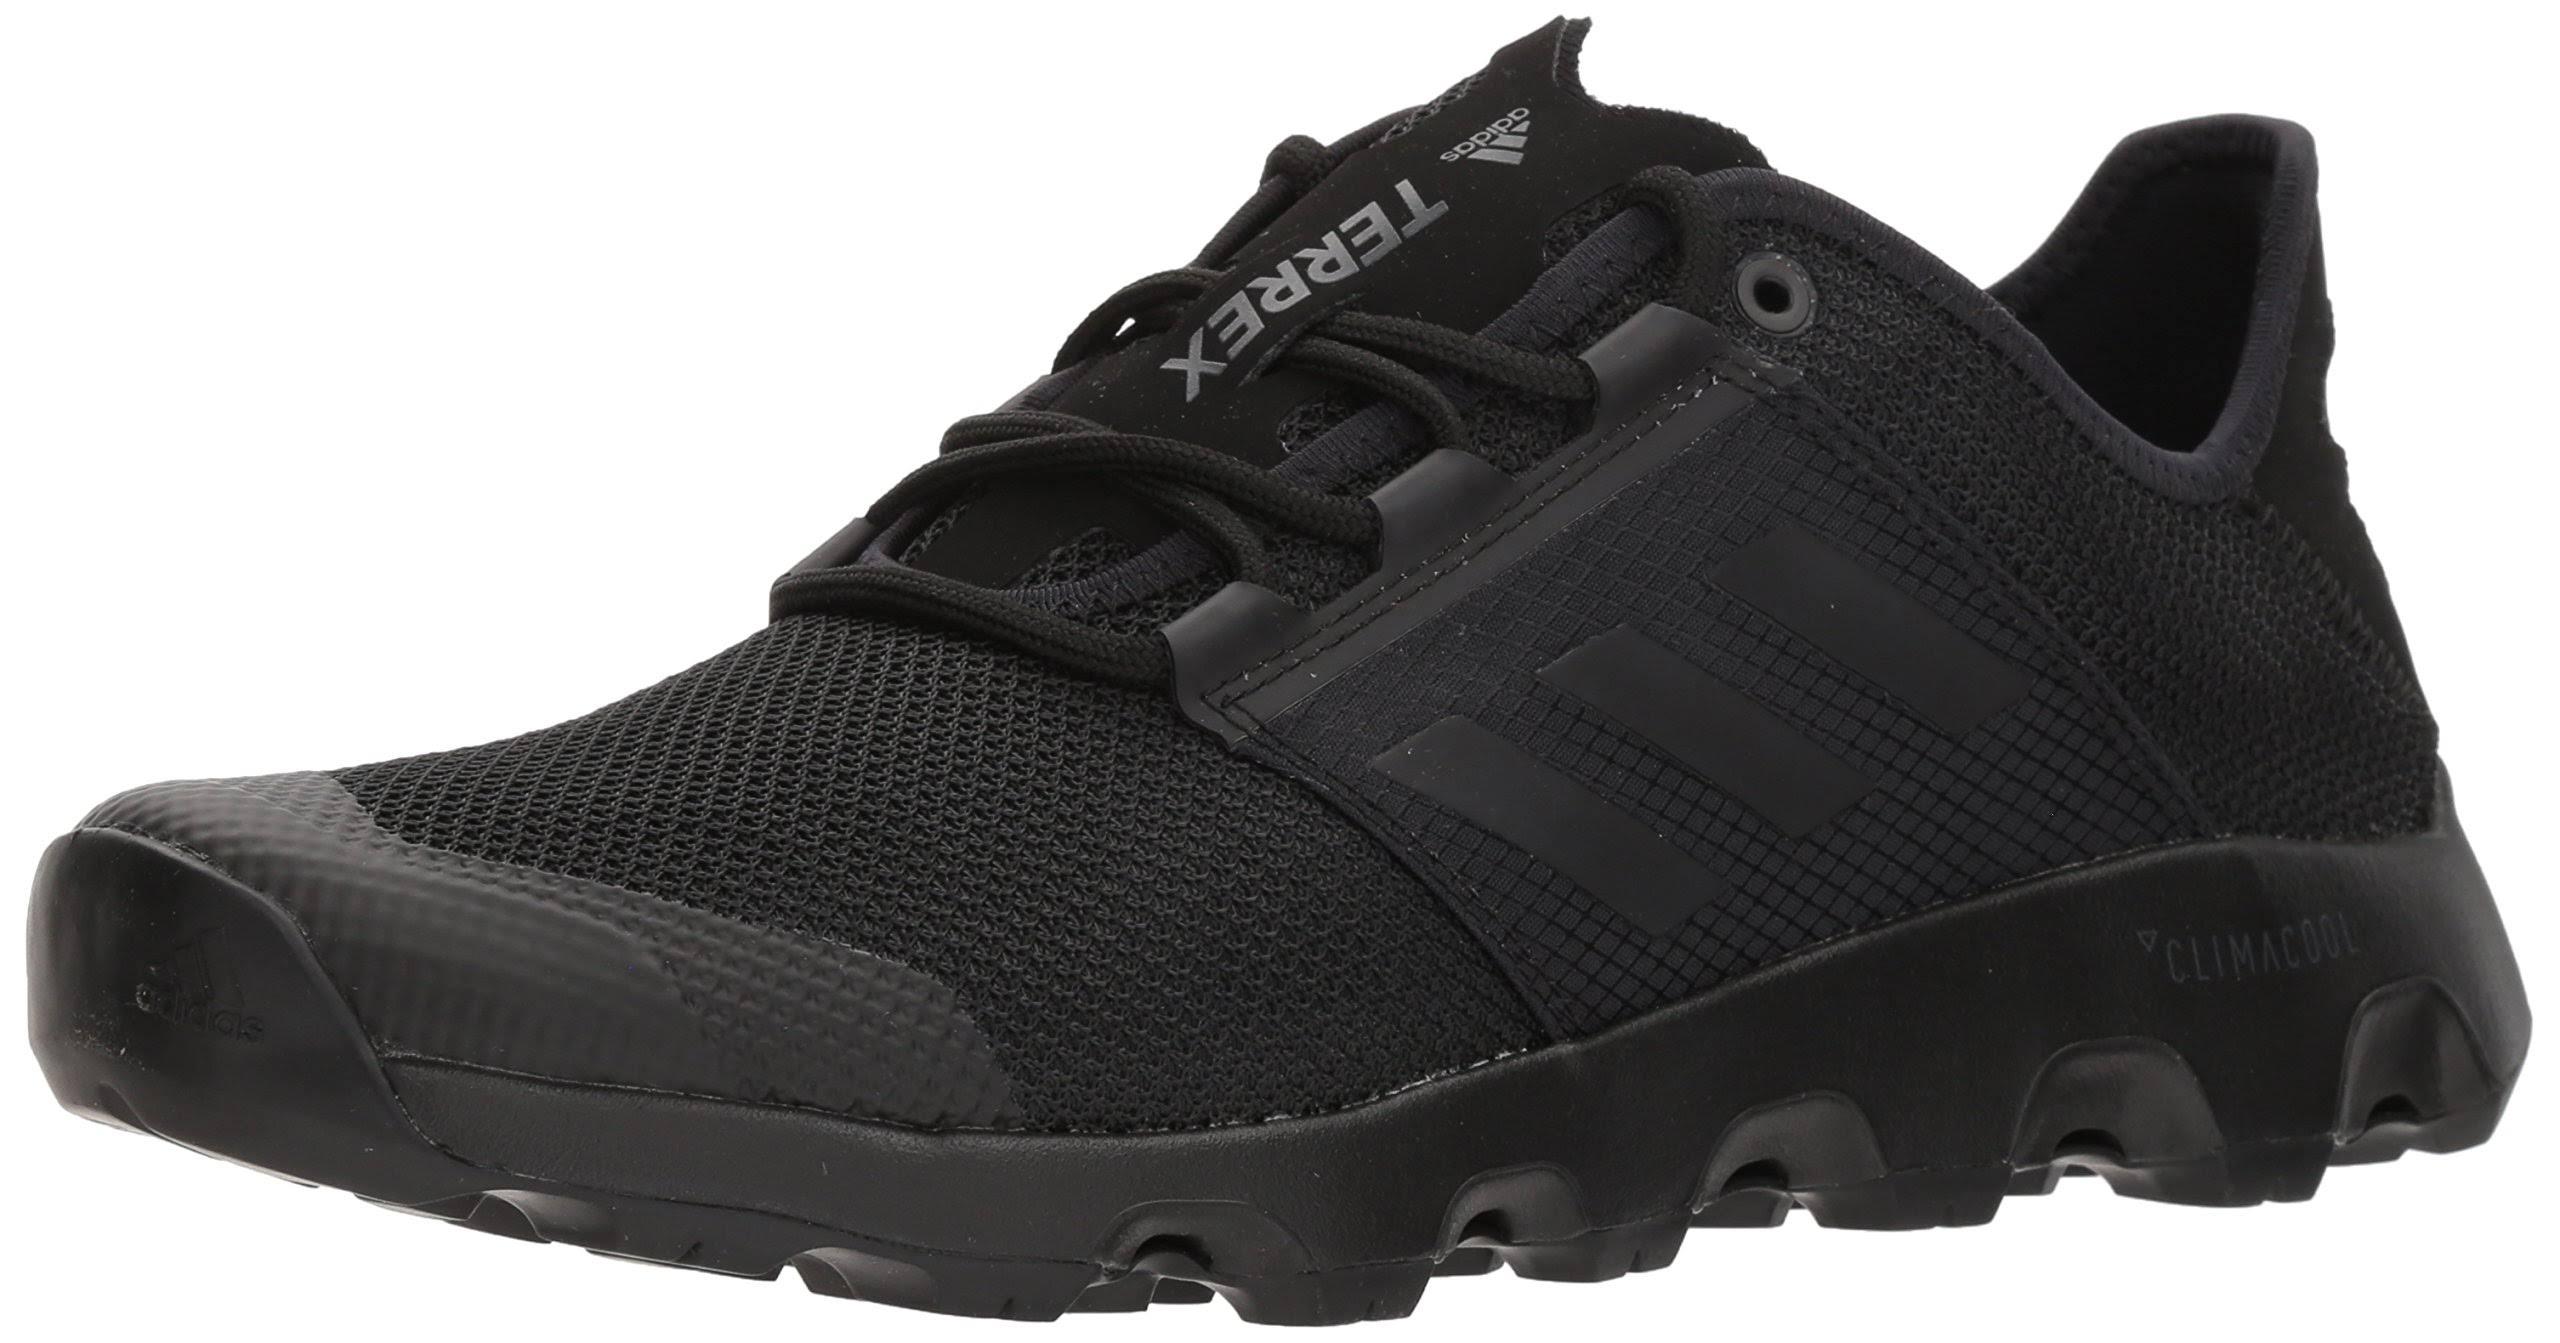 Para Tamaño Zapatos Terrex Voyager Cm7535099 Cc 10 Hombre Adidas wTIq40n